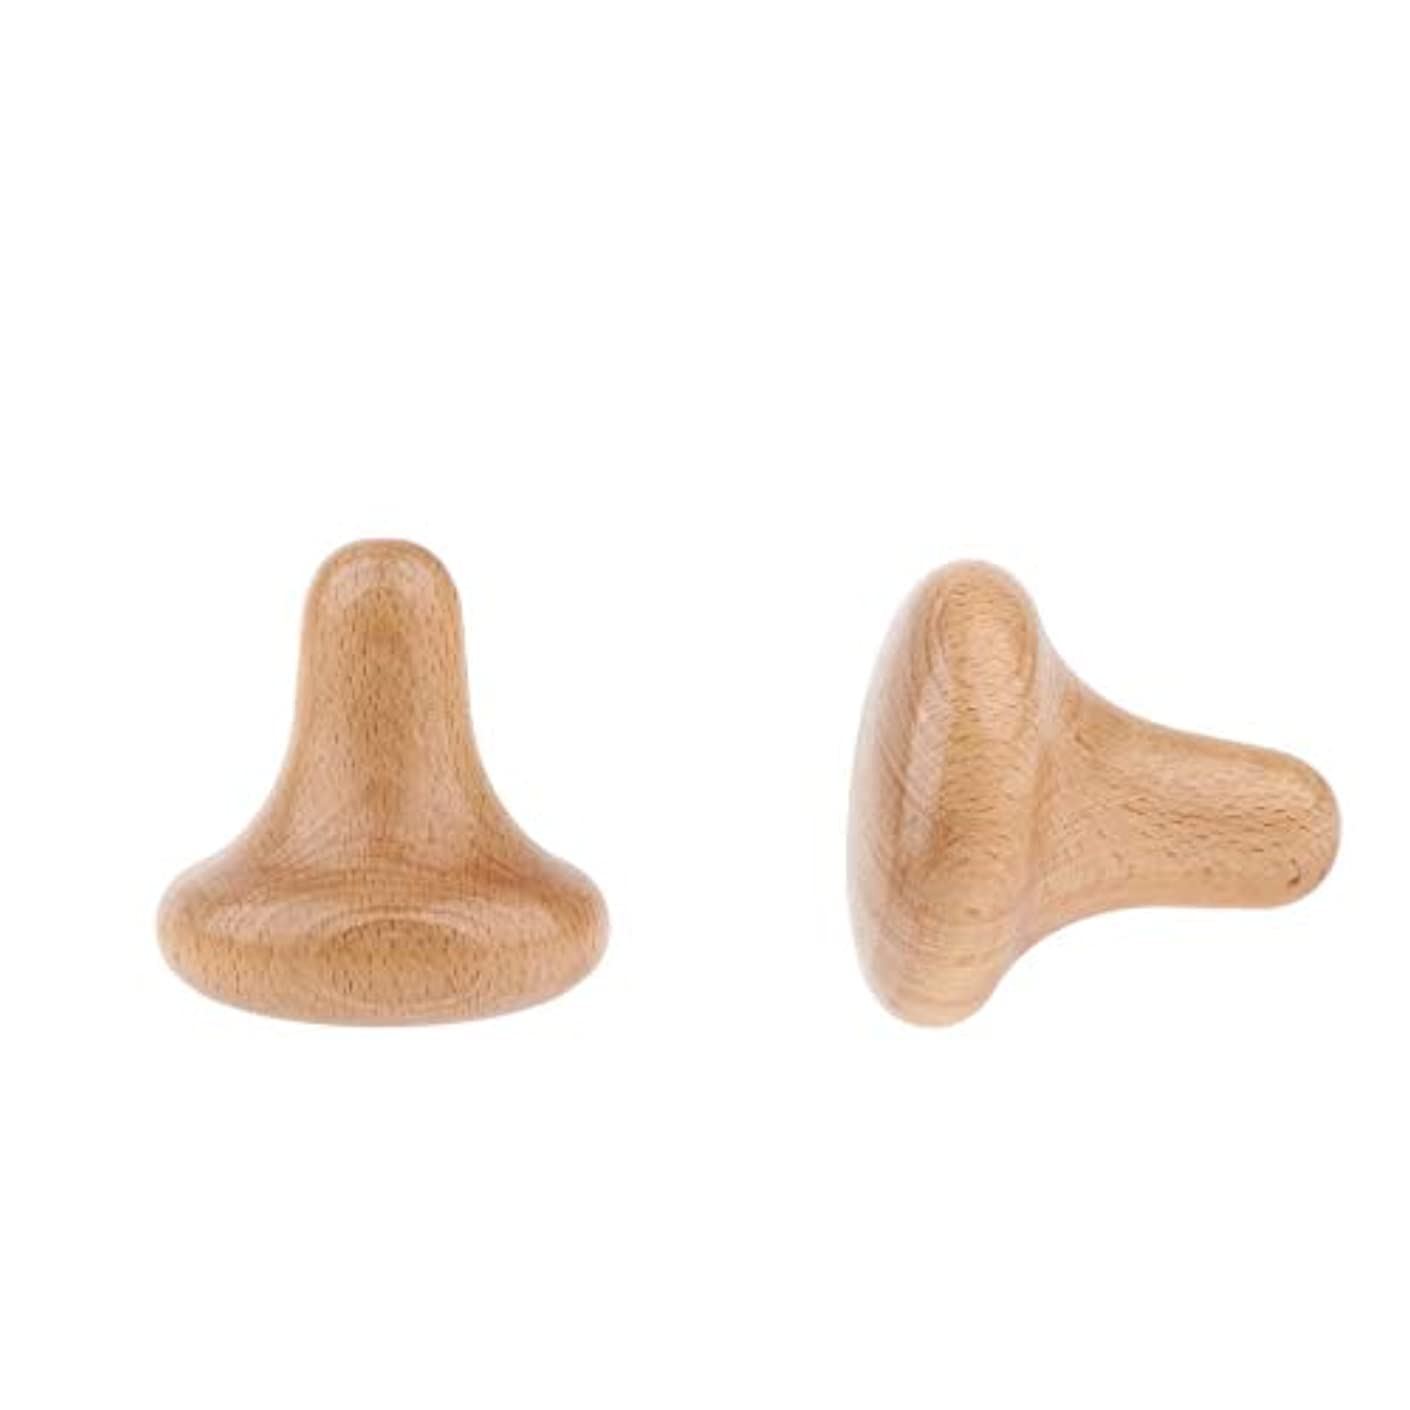 粒子顔料レディボディマッサージ 木製 トリガーポイント のきのこ形 痛み軽減 高齢者 年長者